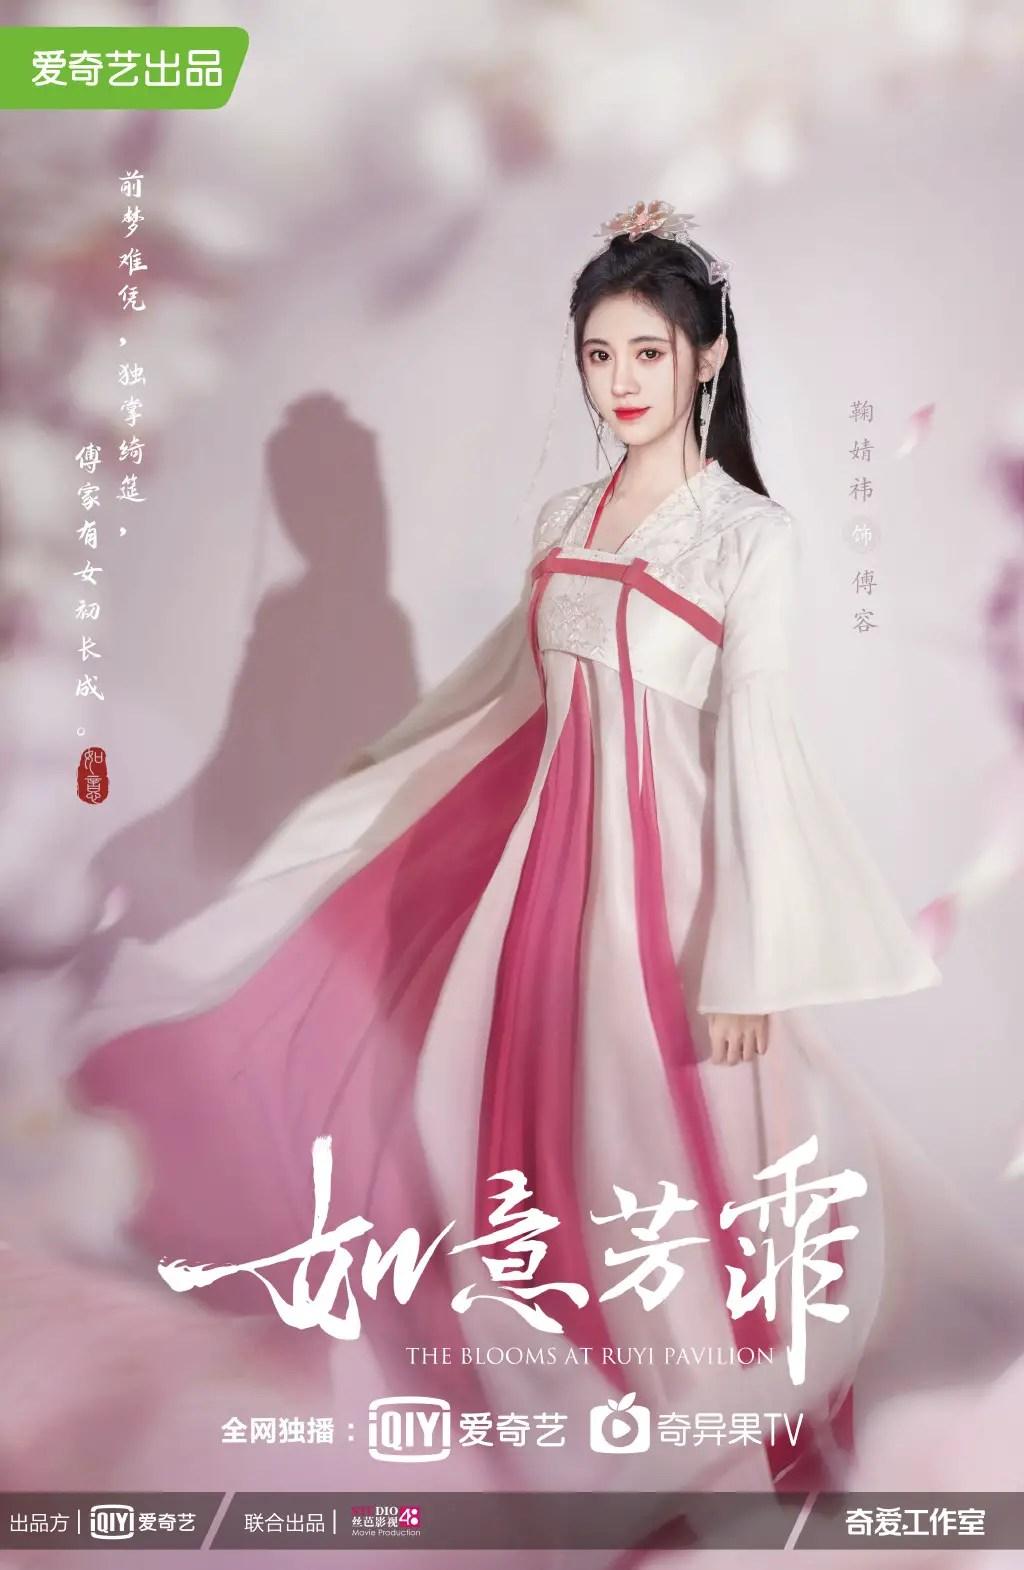 Ju Jing Yi